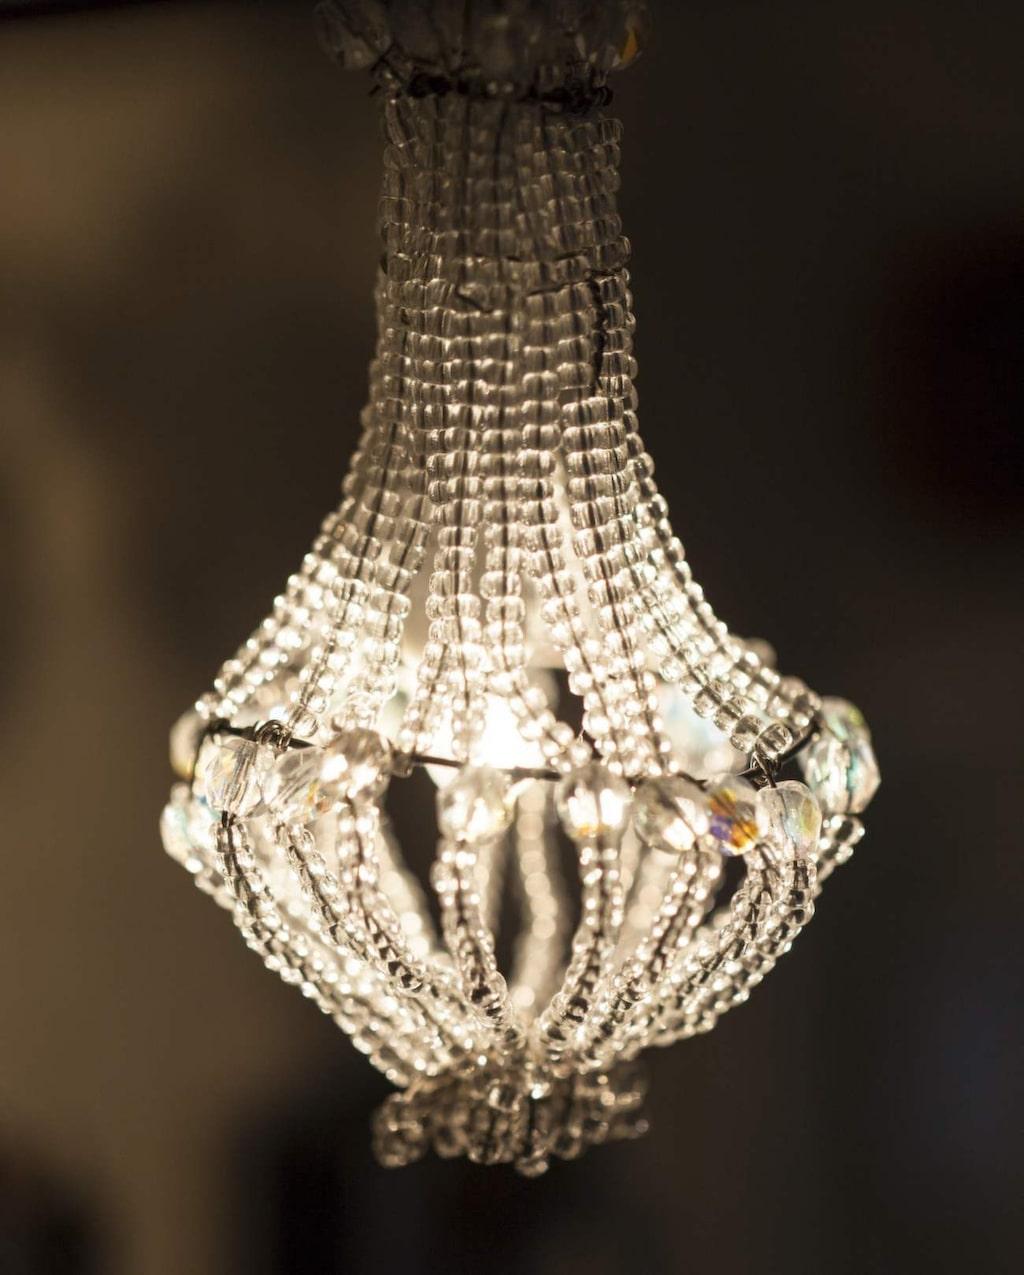 Den vackra kristallkronan har Lotta skapat av ståltråd och glaspärlor.